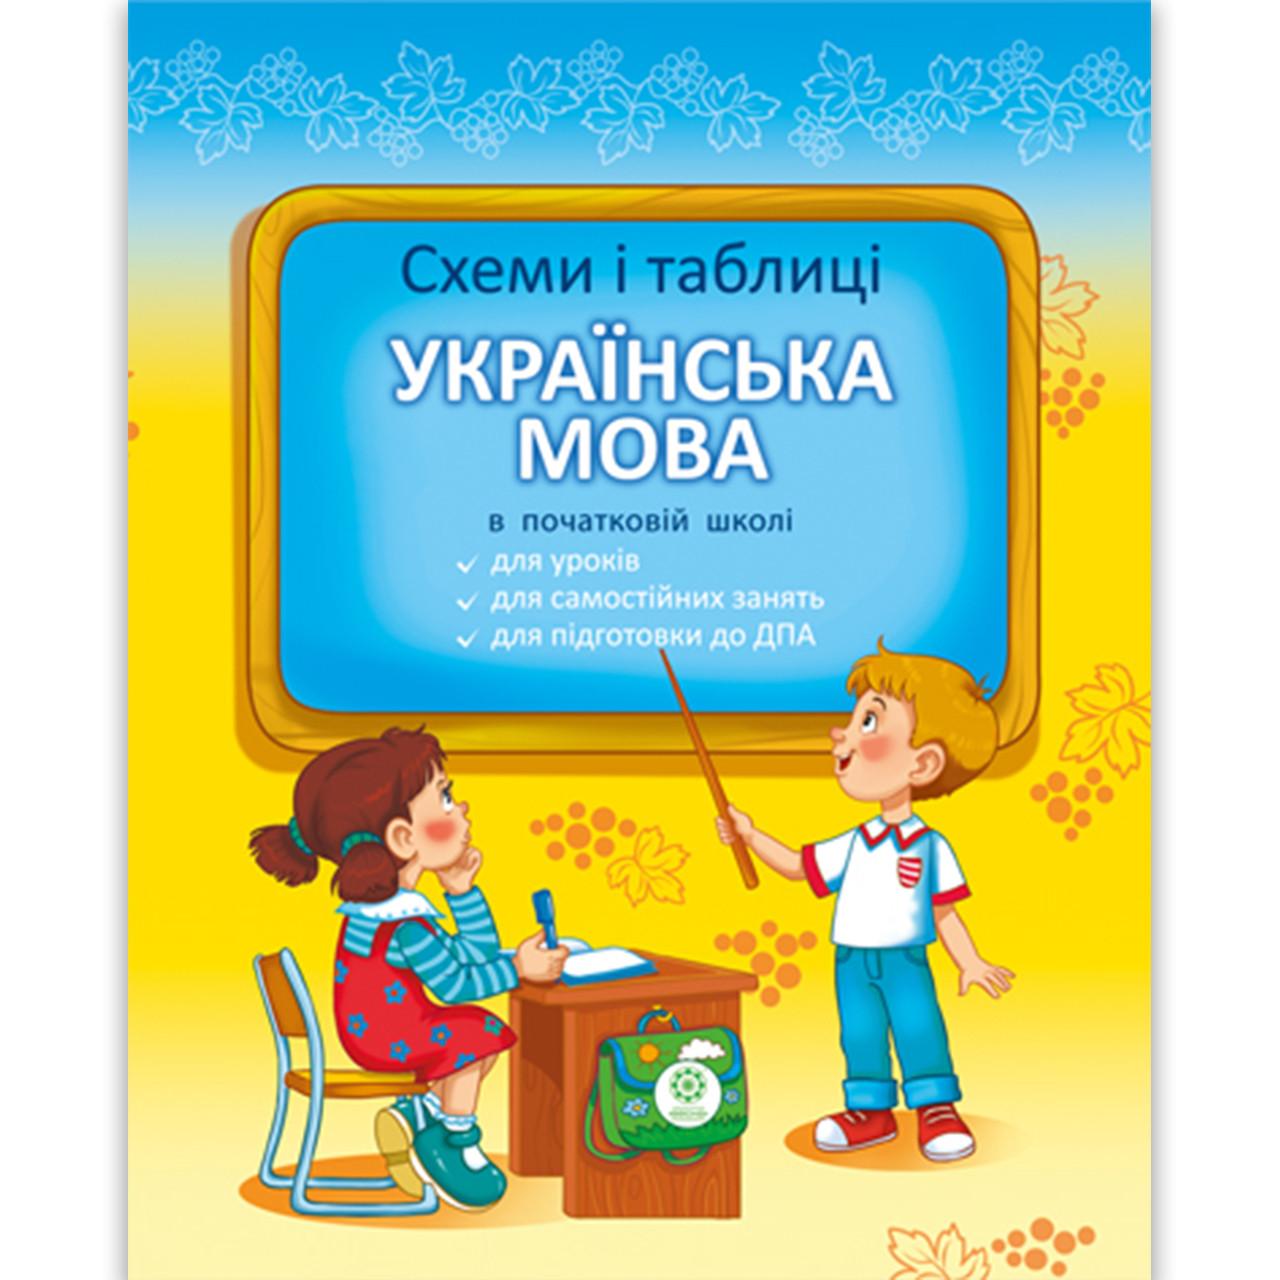 Схеми і таблиці Українська мова в початковій школі Авт: Баришполь С. Вид: Весна